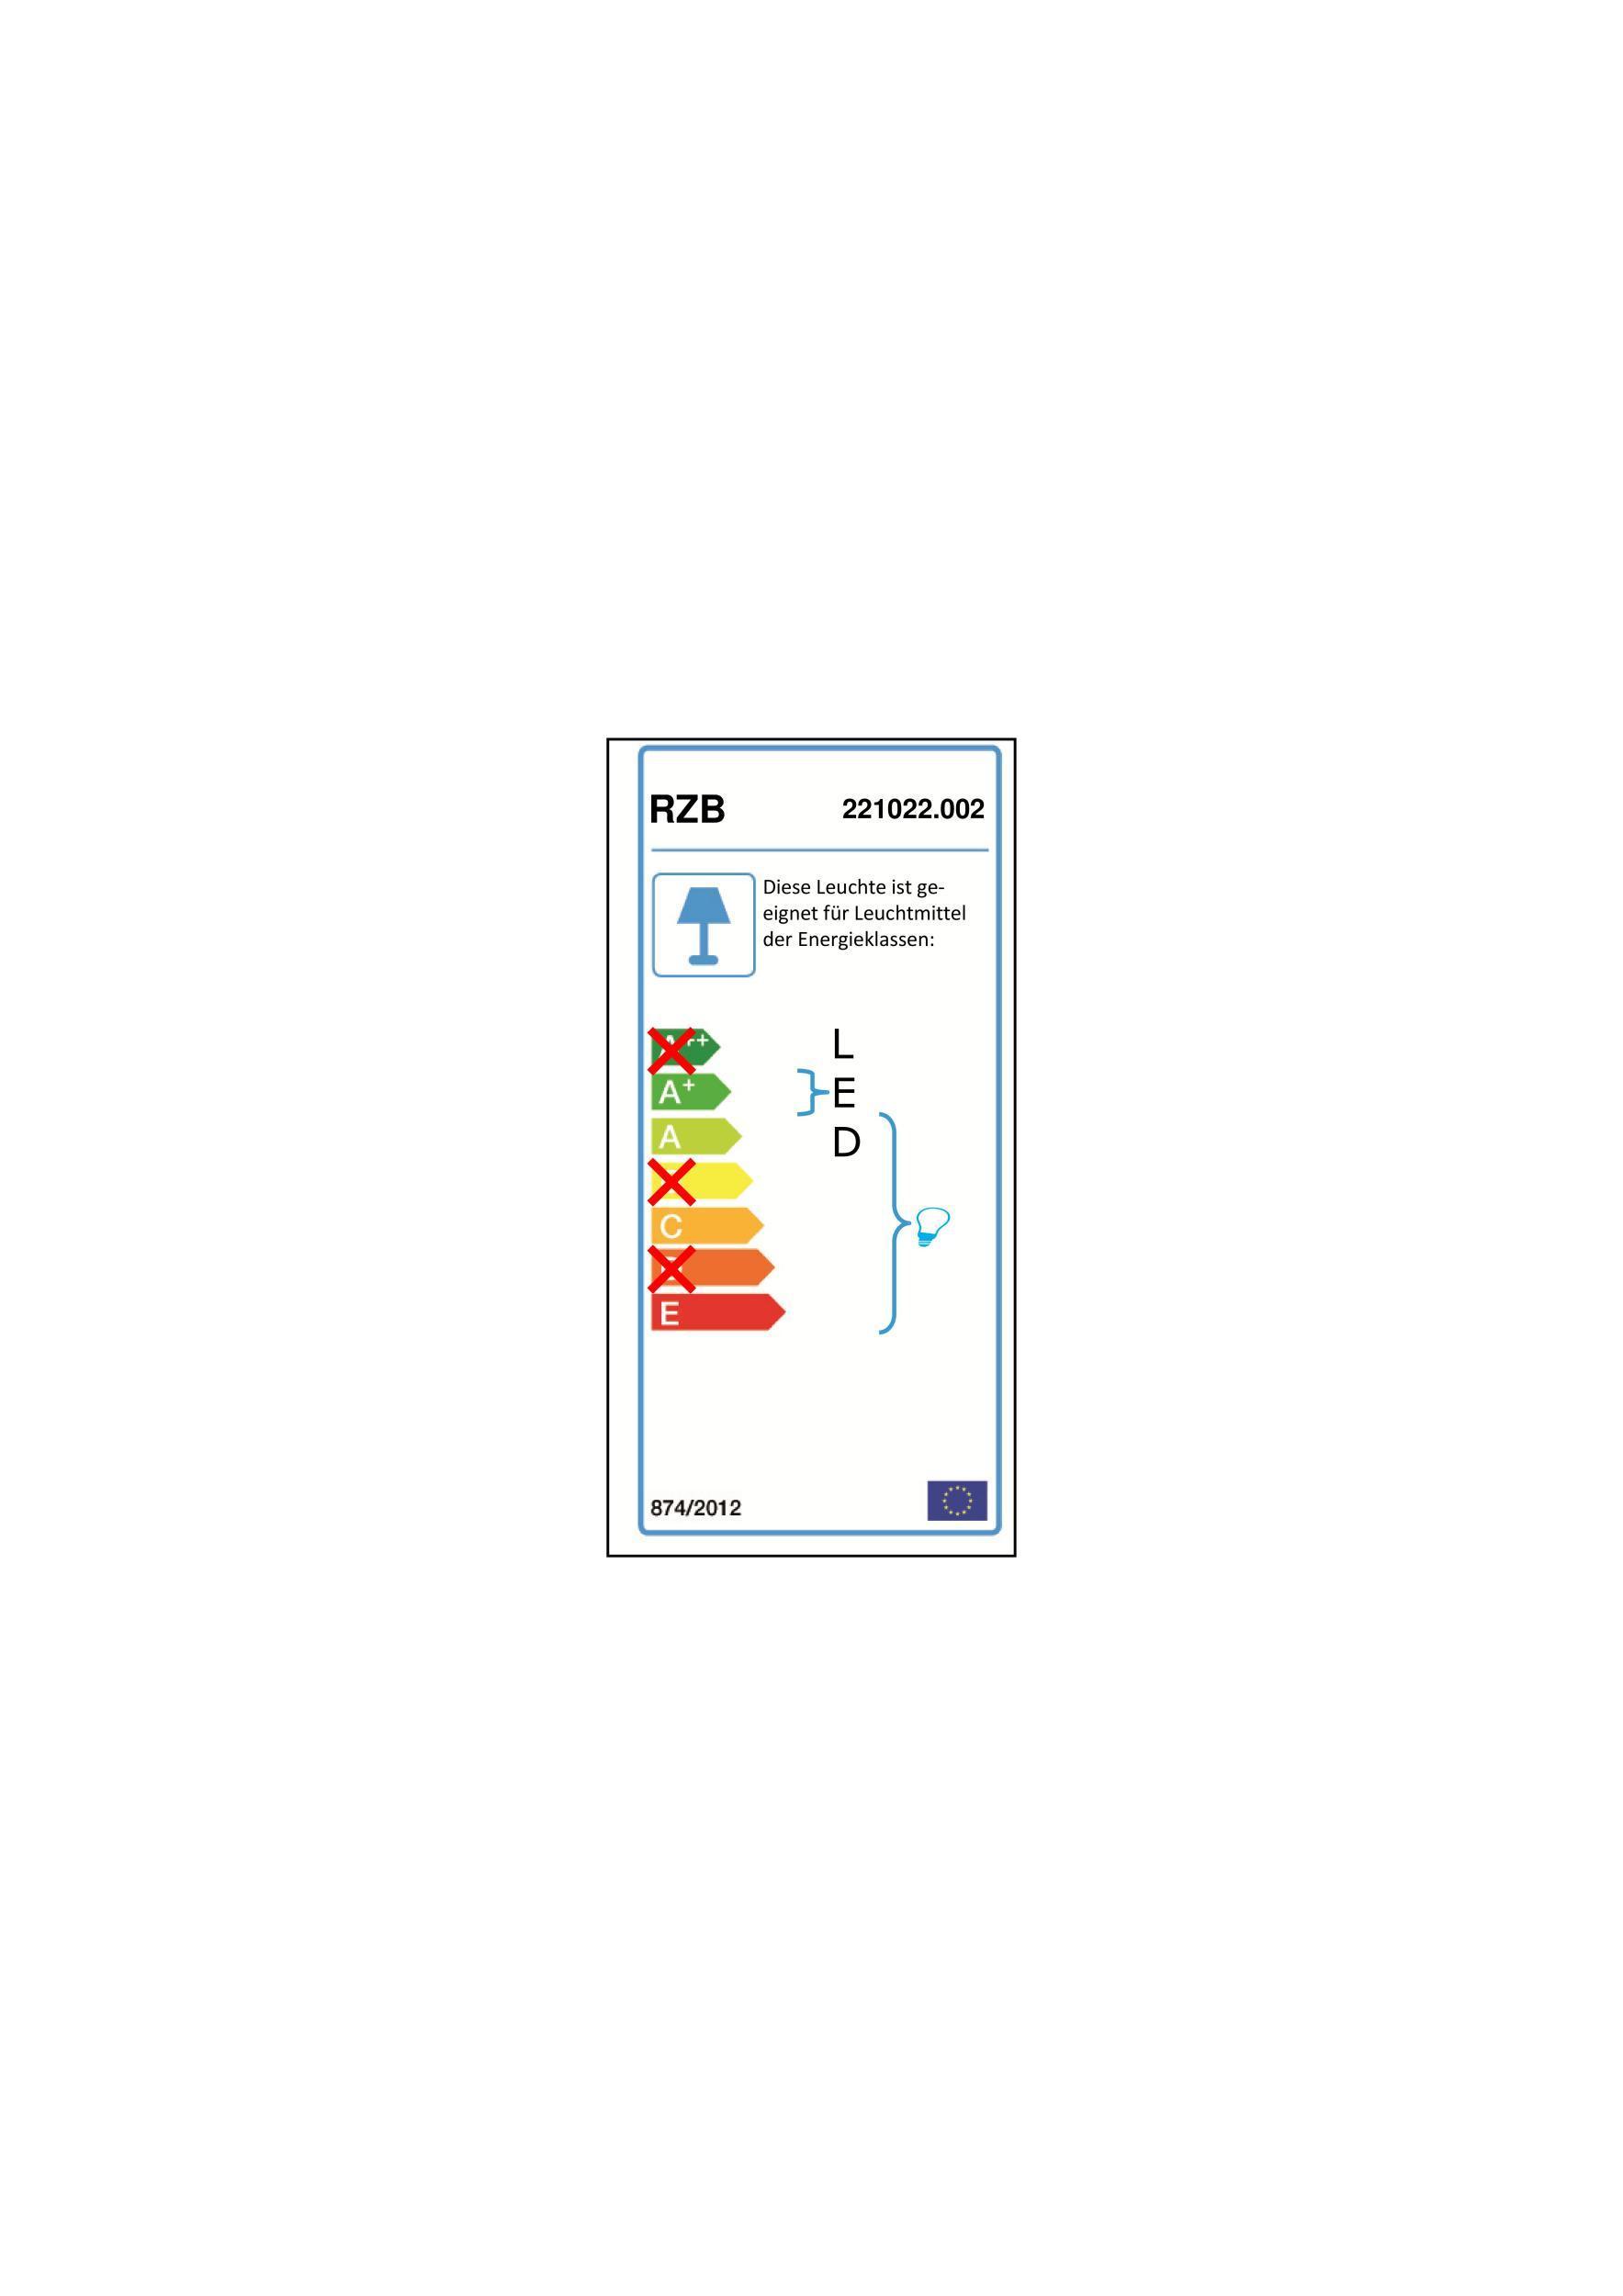 RZB Flat Polymero PC IP43     221022.002